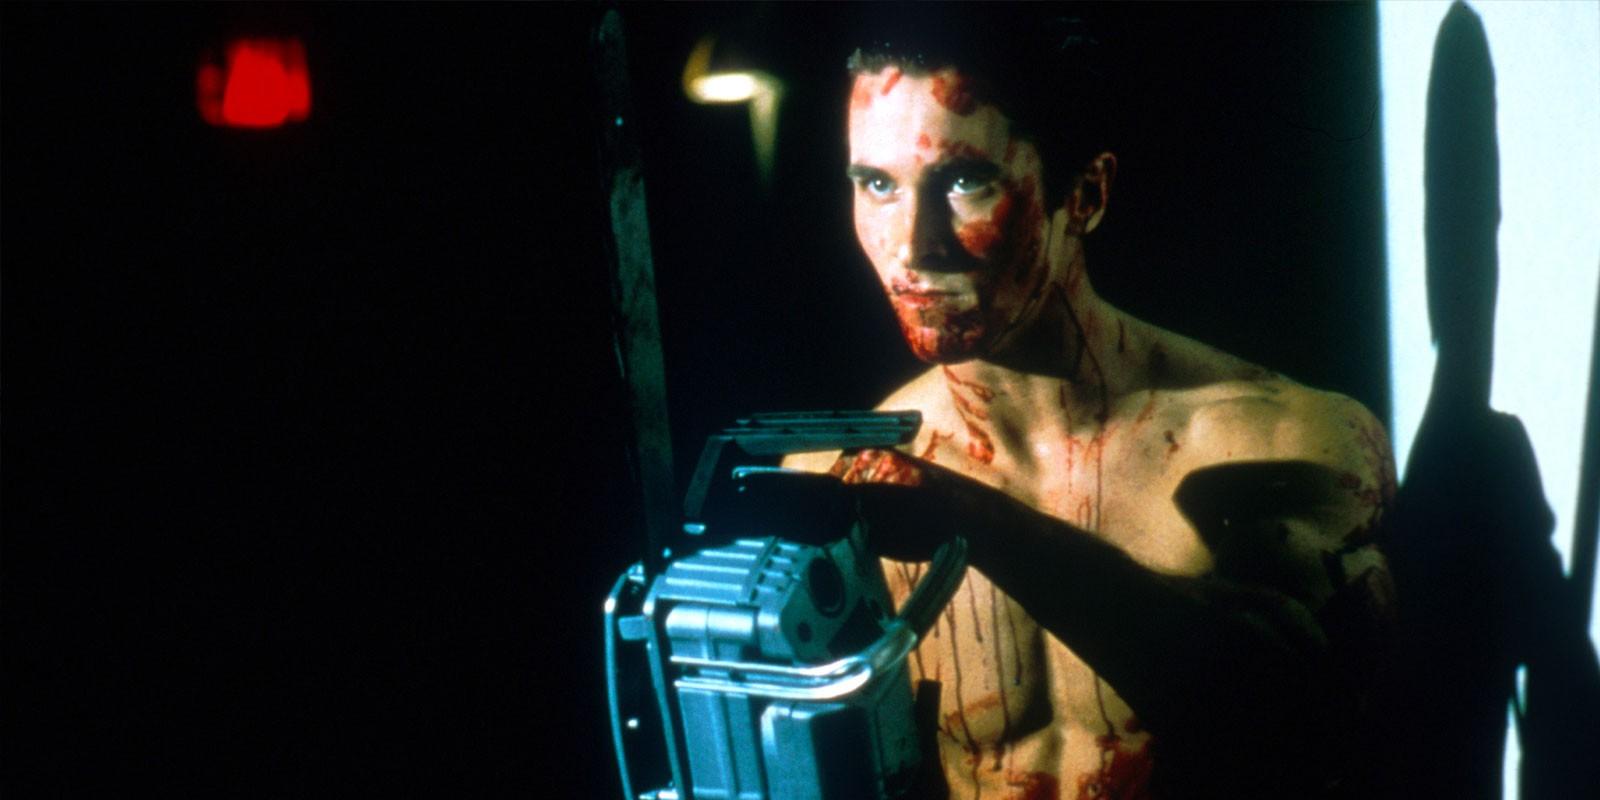 Фильм Американский психопат 2000 года